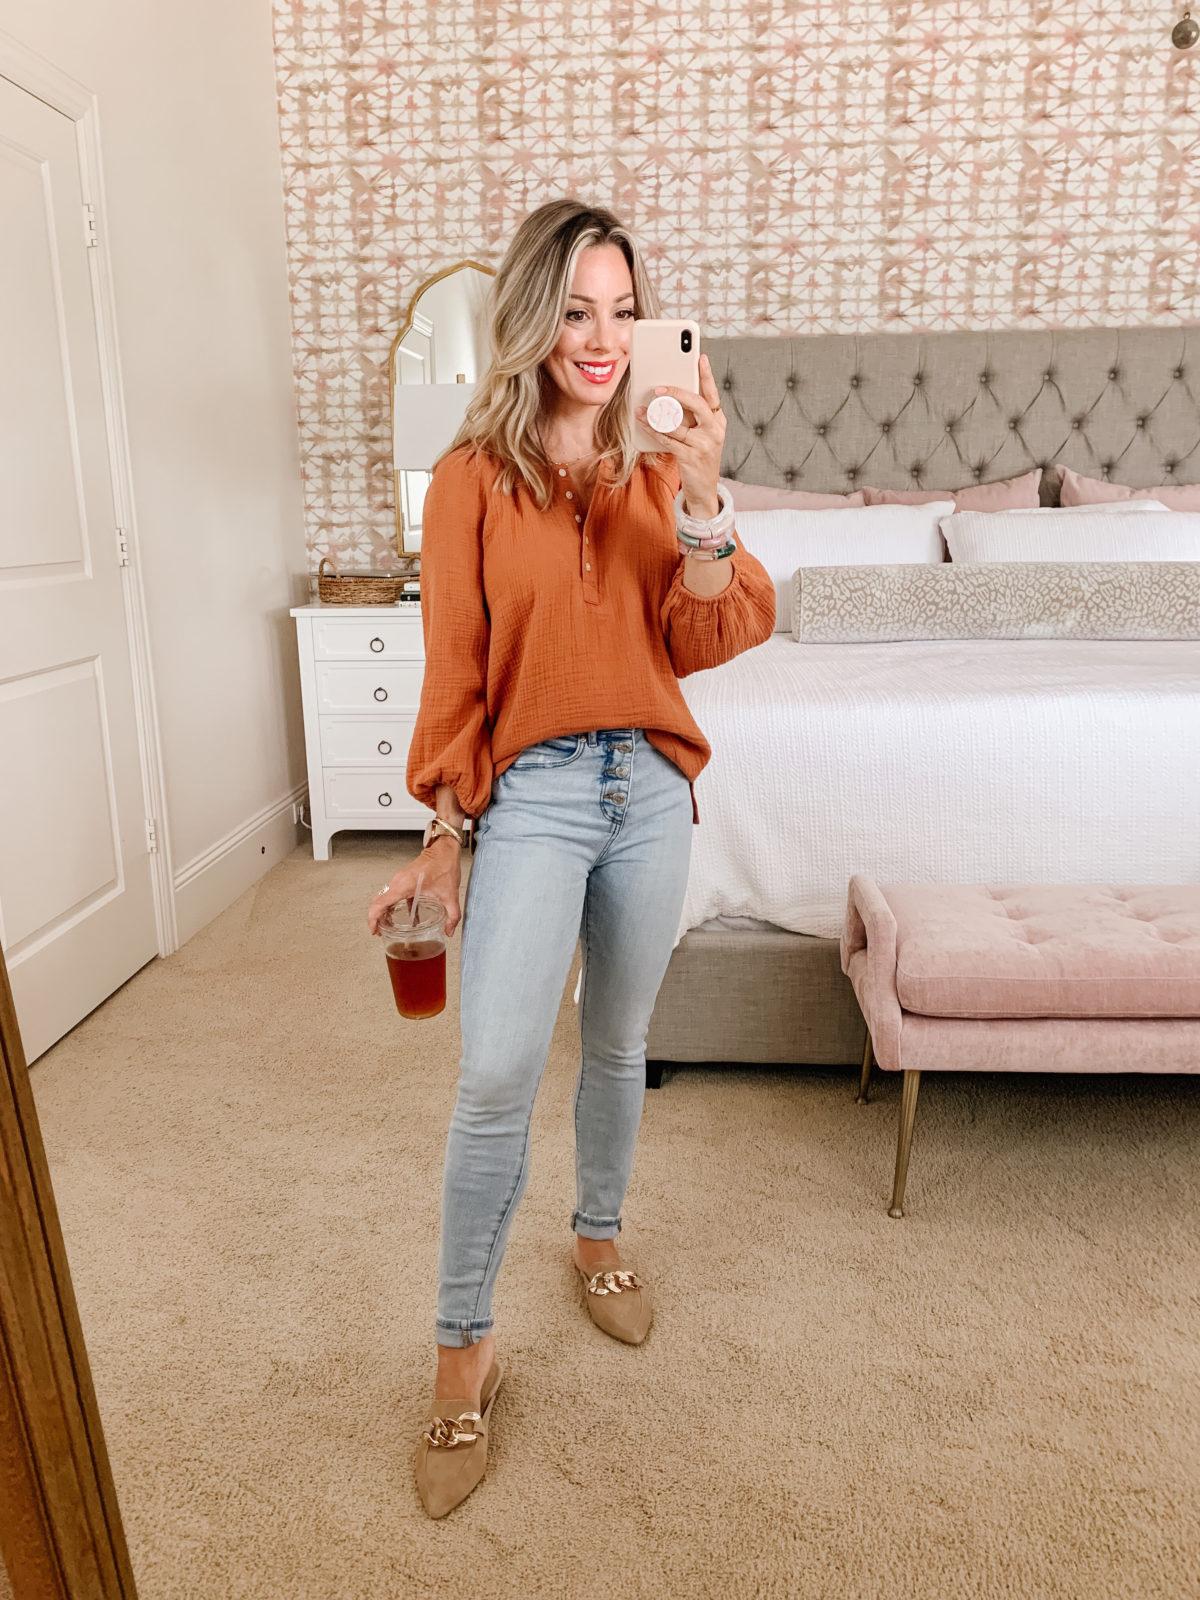 LOFT Fashion Top, Jeans, Mules